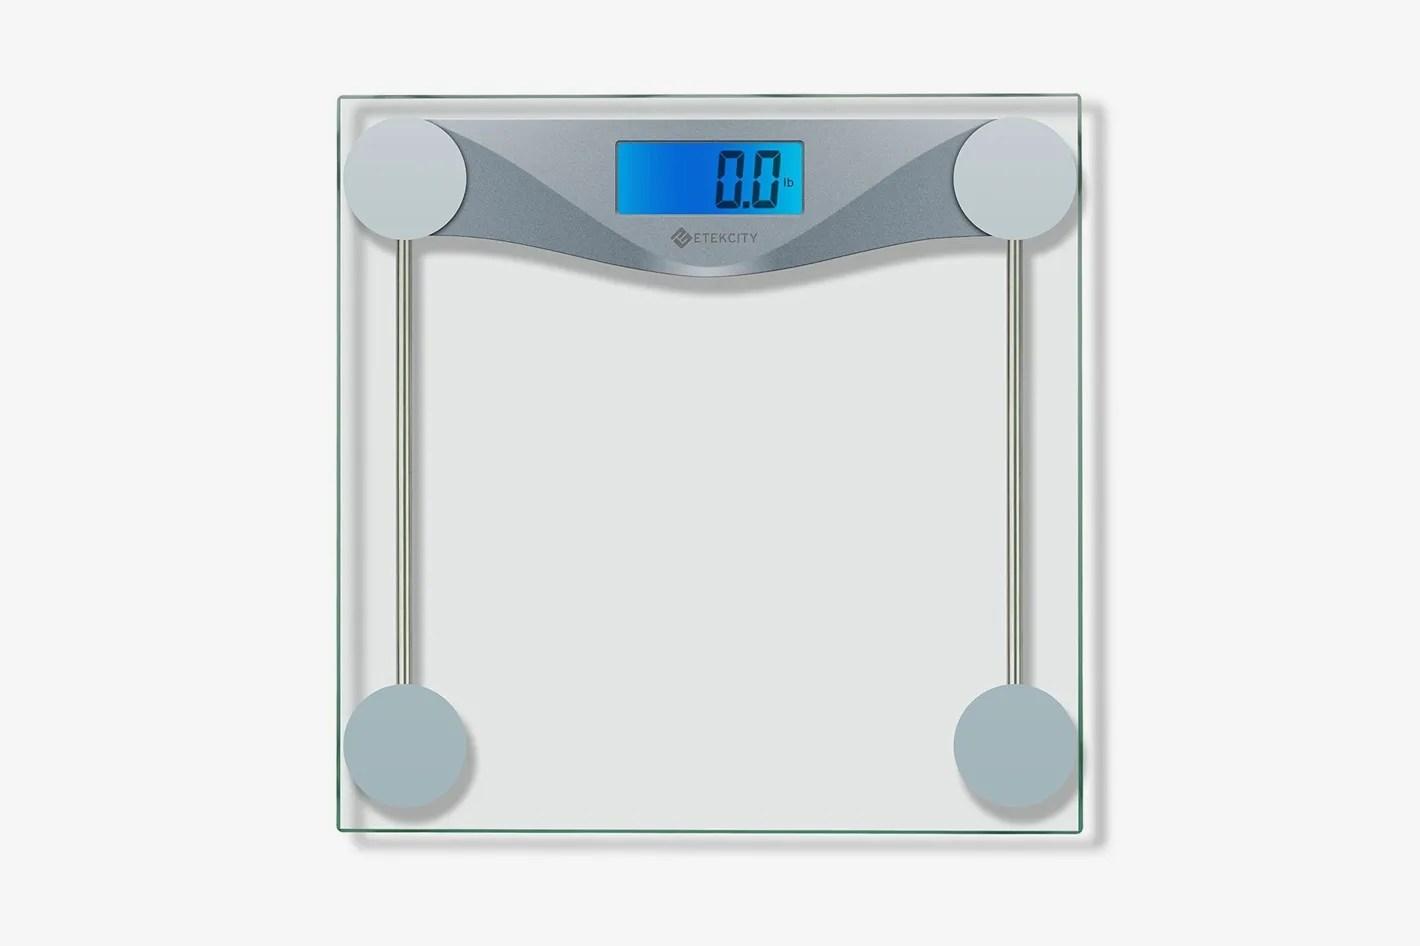 15 Best Bathroom Scales and Digital Bathroom Scales  2019